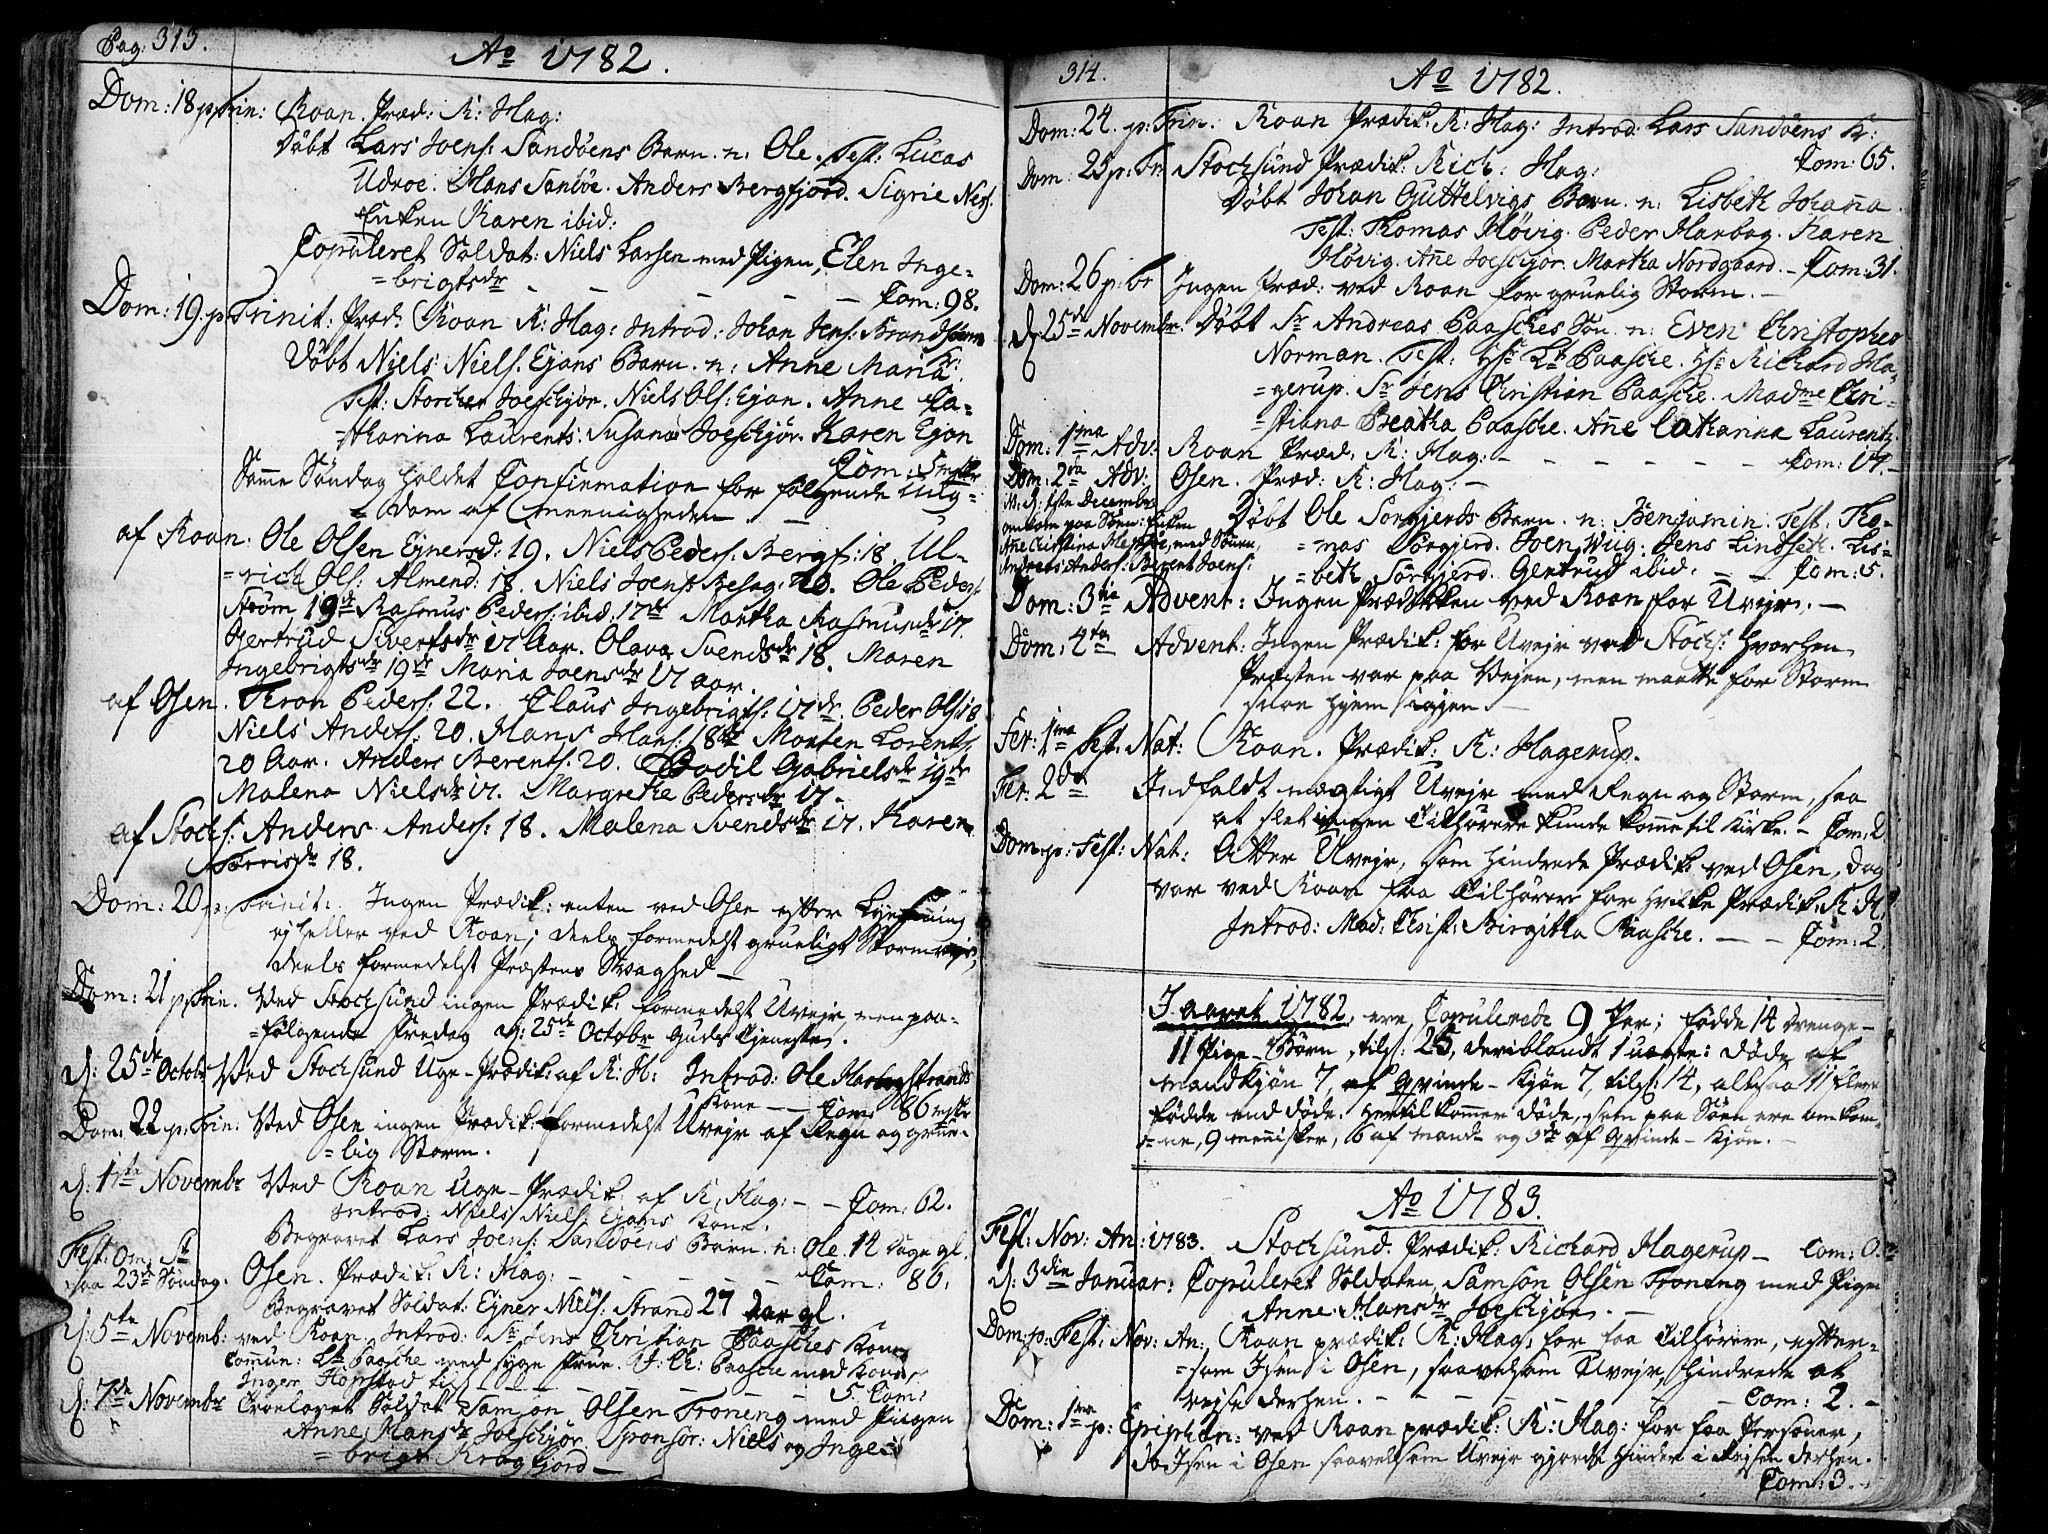 SAT, Ministerialprotokoller, klokkerbøker og fødselsregistre - Sør-Trøndelag, 657/L0700: Ministerialbok nr. 657A01, 1732-1801, s. 313-314